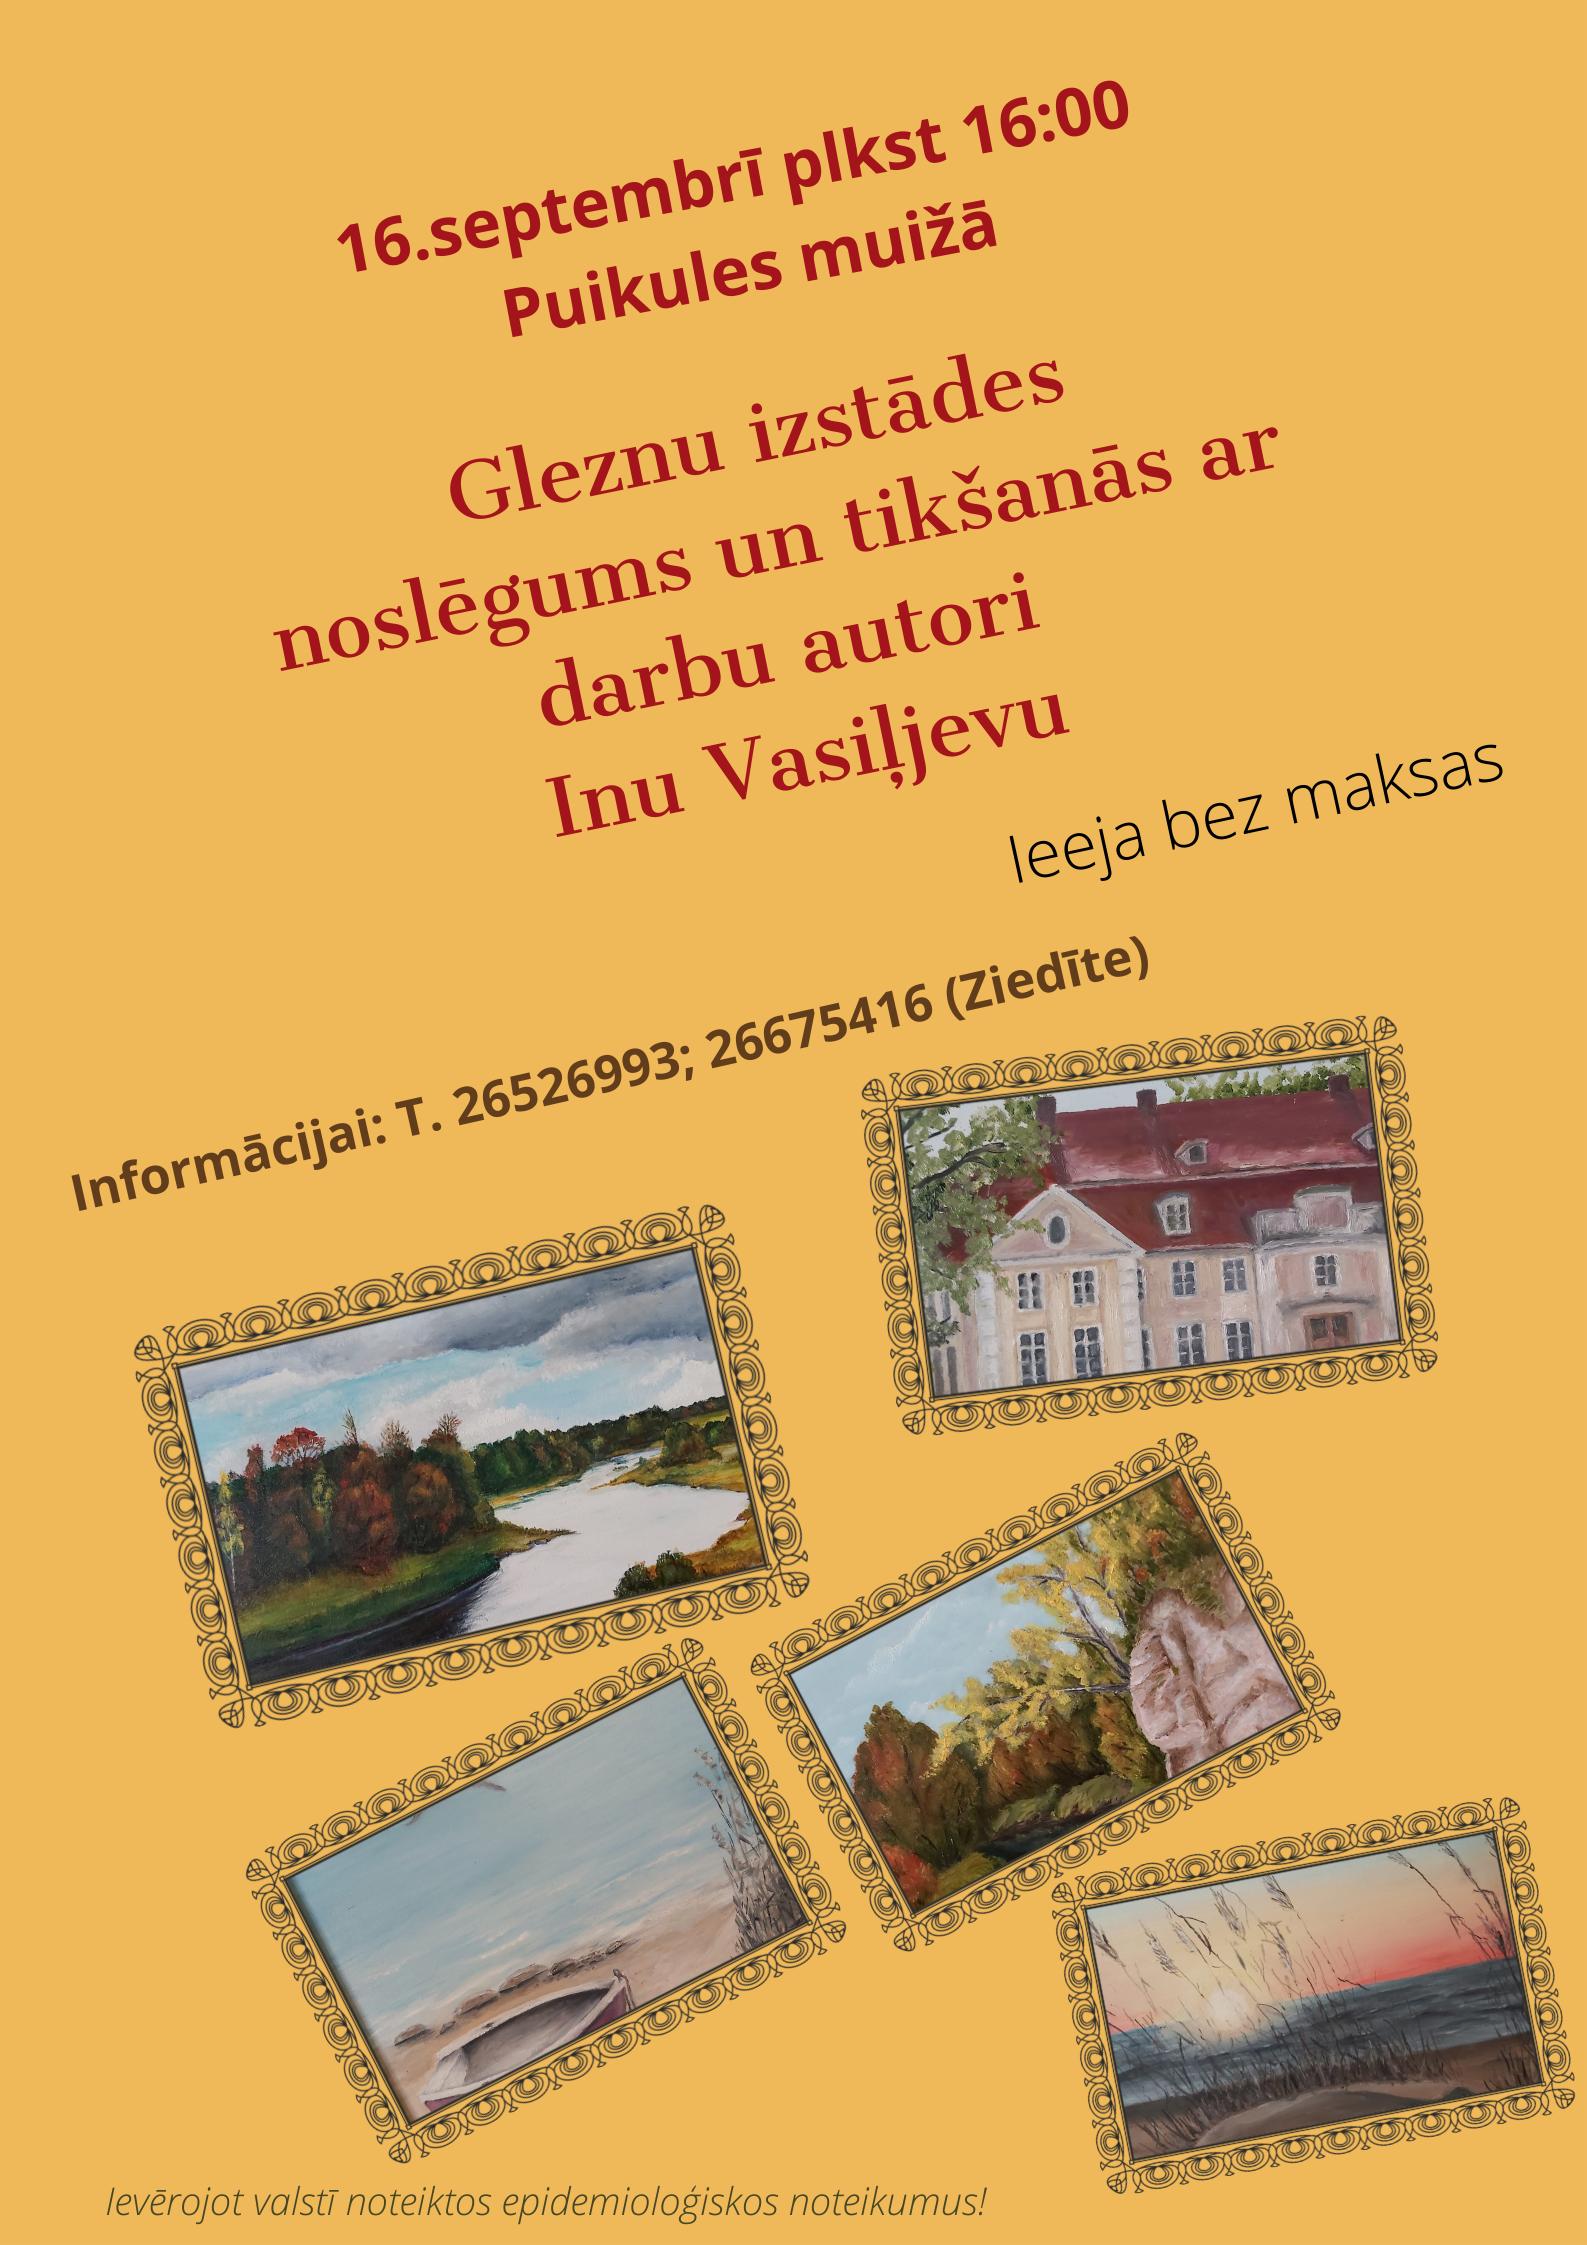 Gleznu izstādes noslēgums un tikšanās ar Inu Vasiļjevu